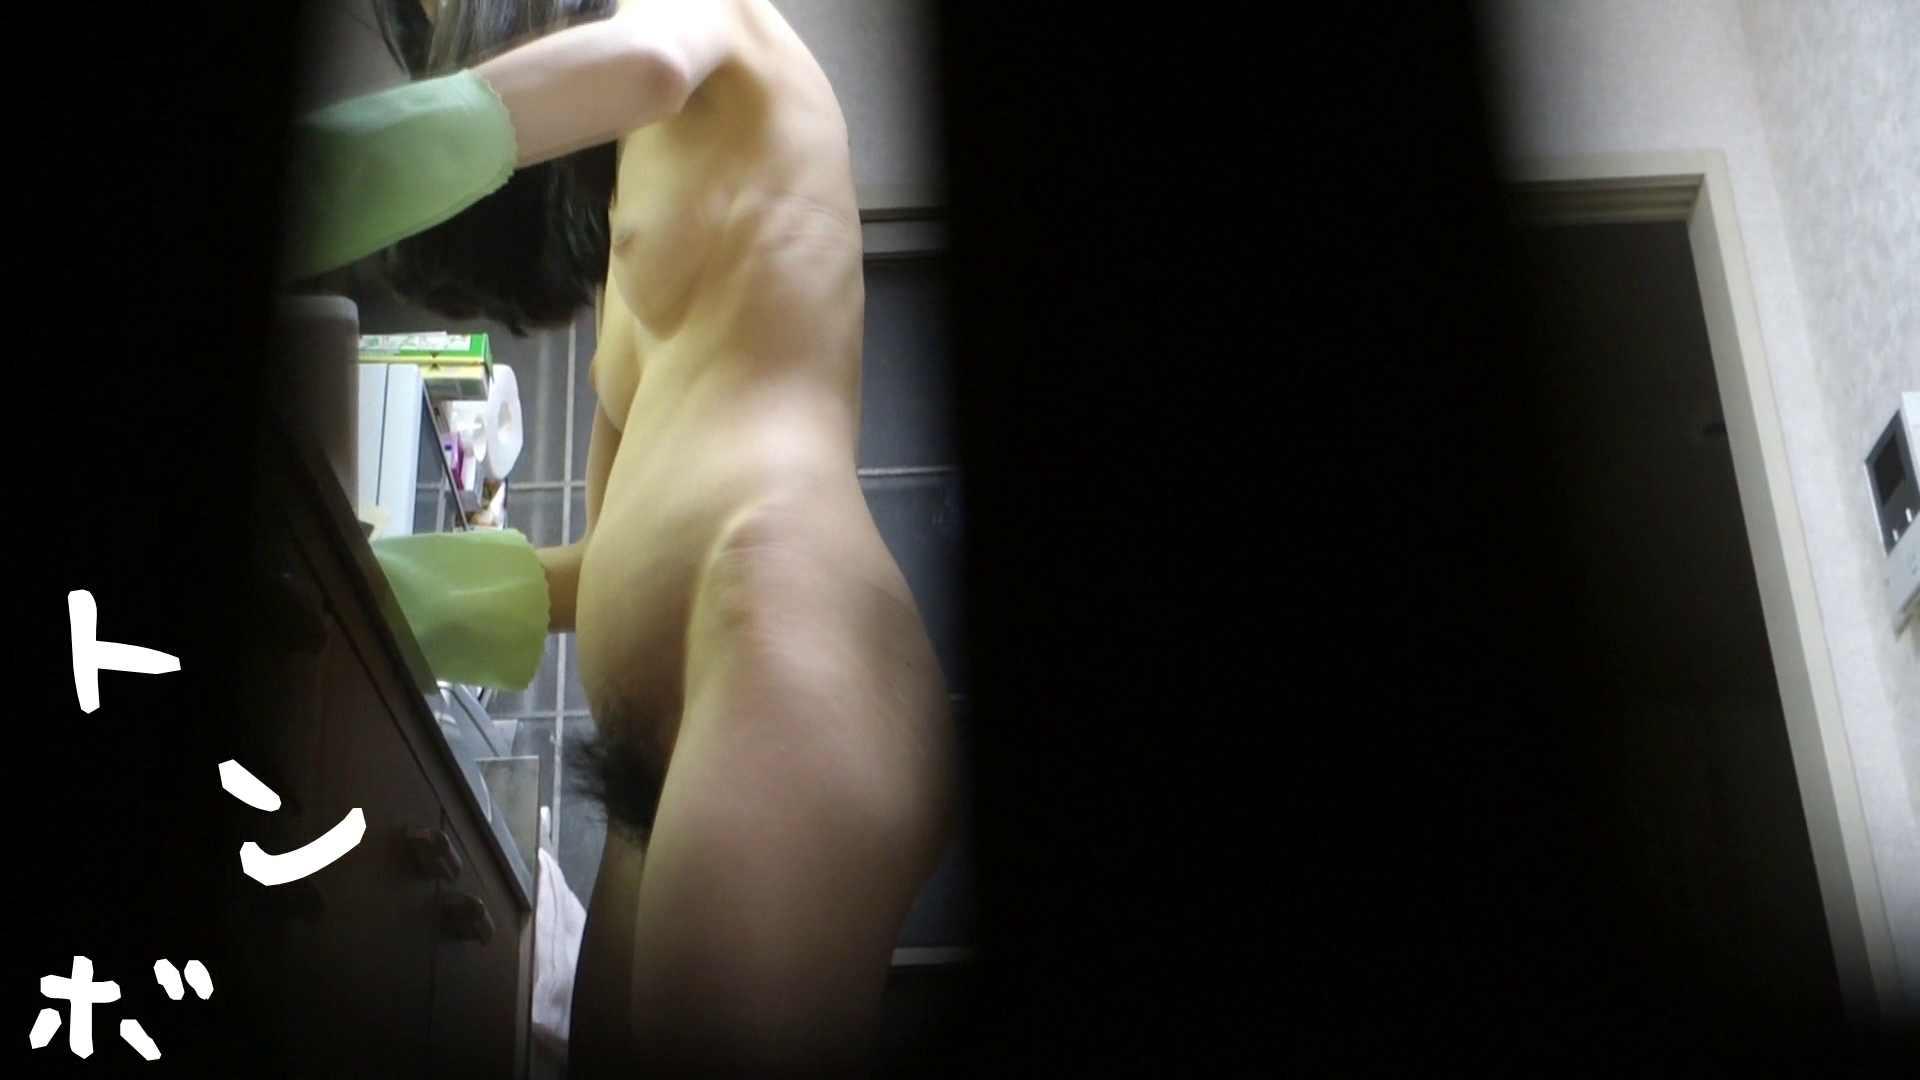 リアル盗撮 現役女子大生の私生活2 女子大生 ヌード画像 105画像 94